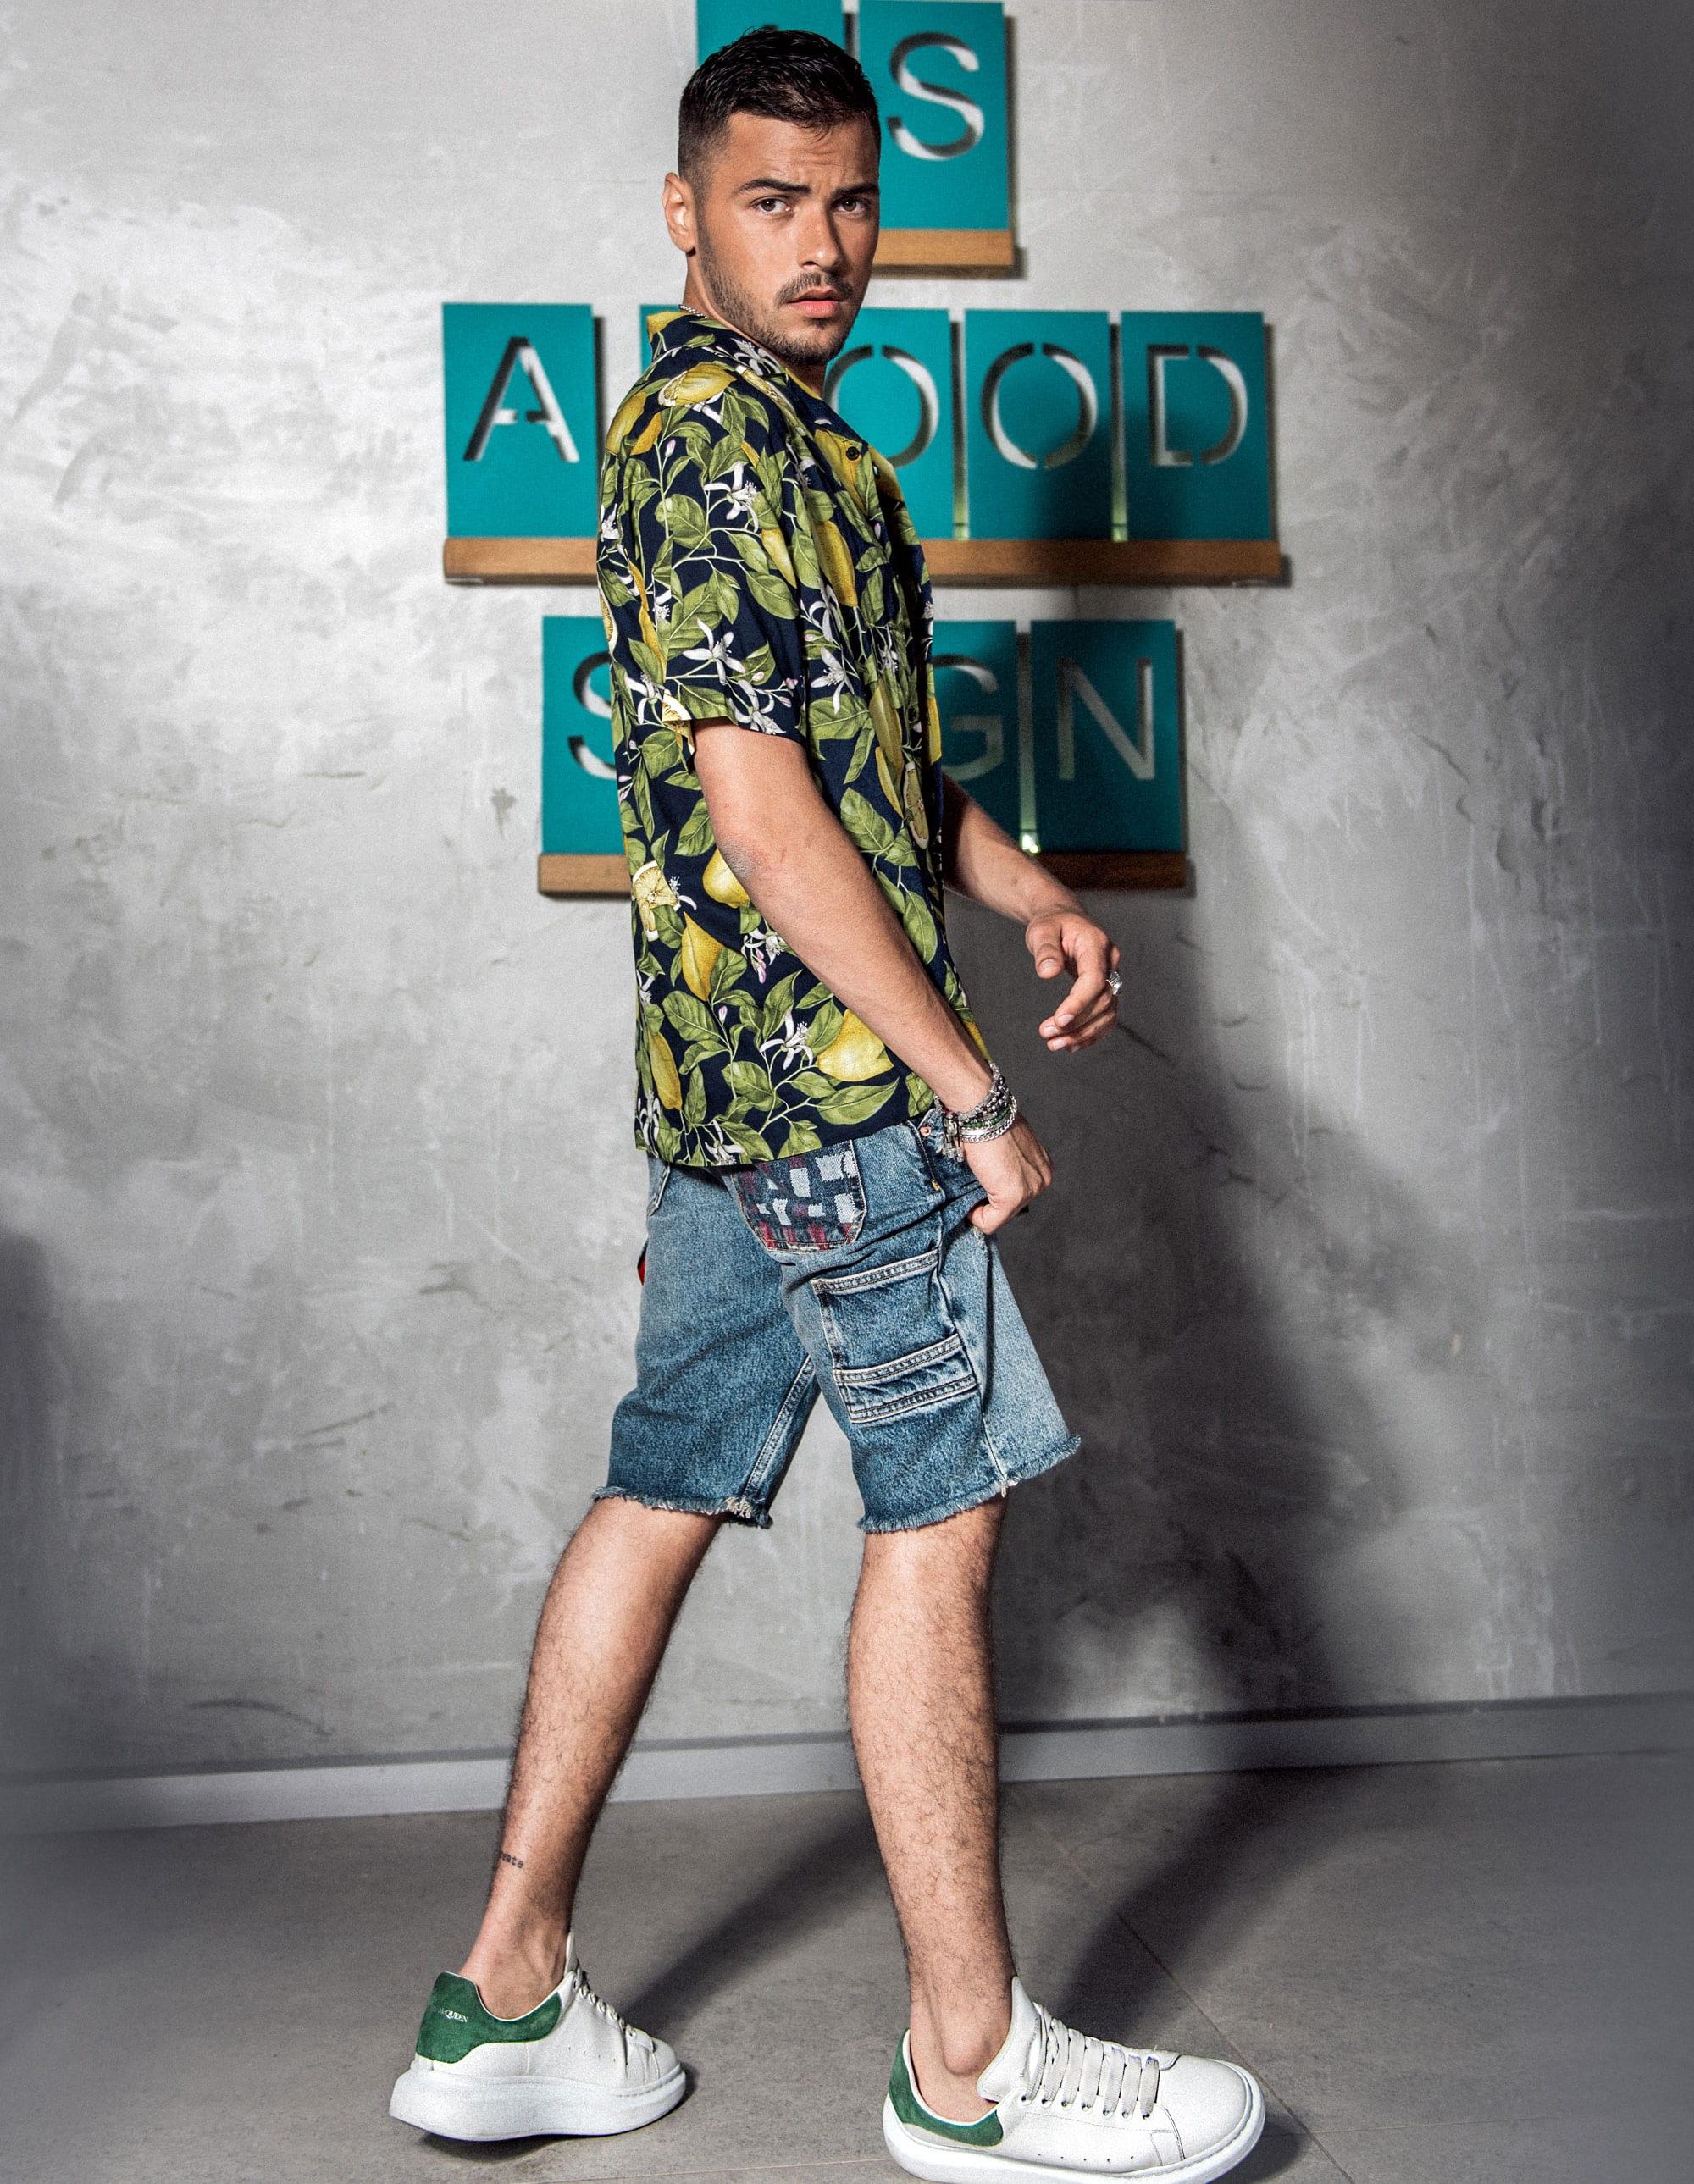 חולצה: H&M man, ג׳ינס: Tommy Hilfiger, נעליים: אלכסנדר מקווין. מצולמים: רועי סנדלר, בר סנדלר, צילום: דניס גצקיס, סטיילינג: אורי לשם, איפור: אורנה רימוק, הפקה: אורנה רביצקי ל- Fashion Israel, יח״צ: גלית קאשי23